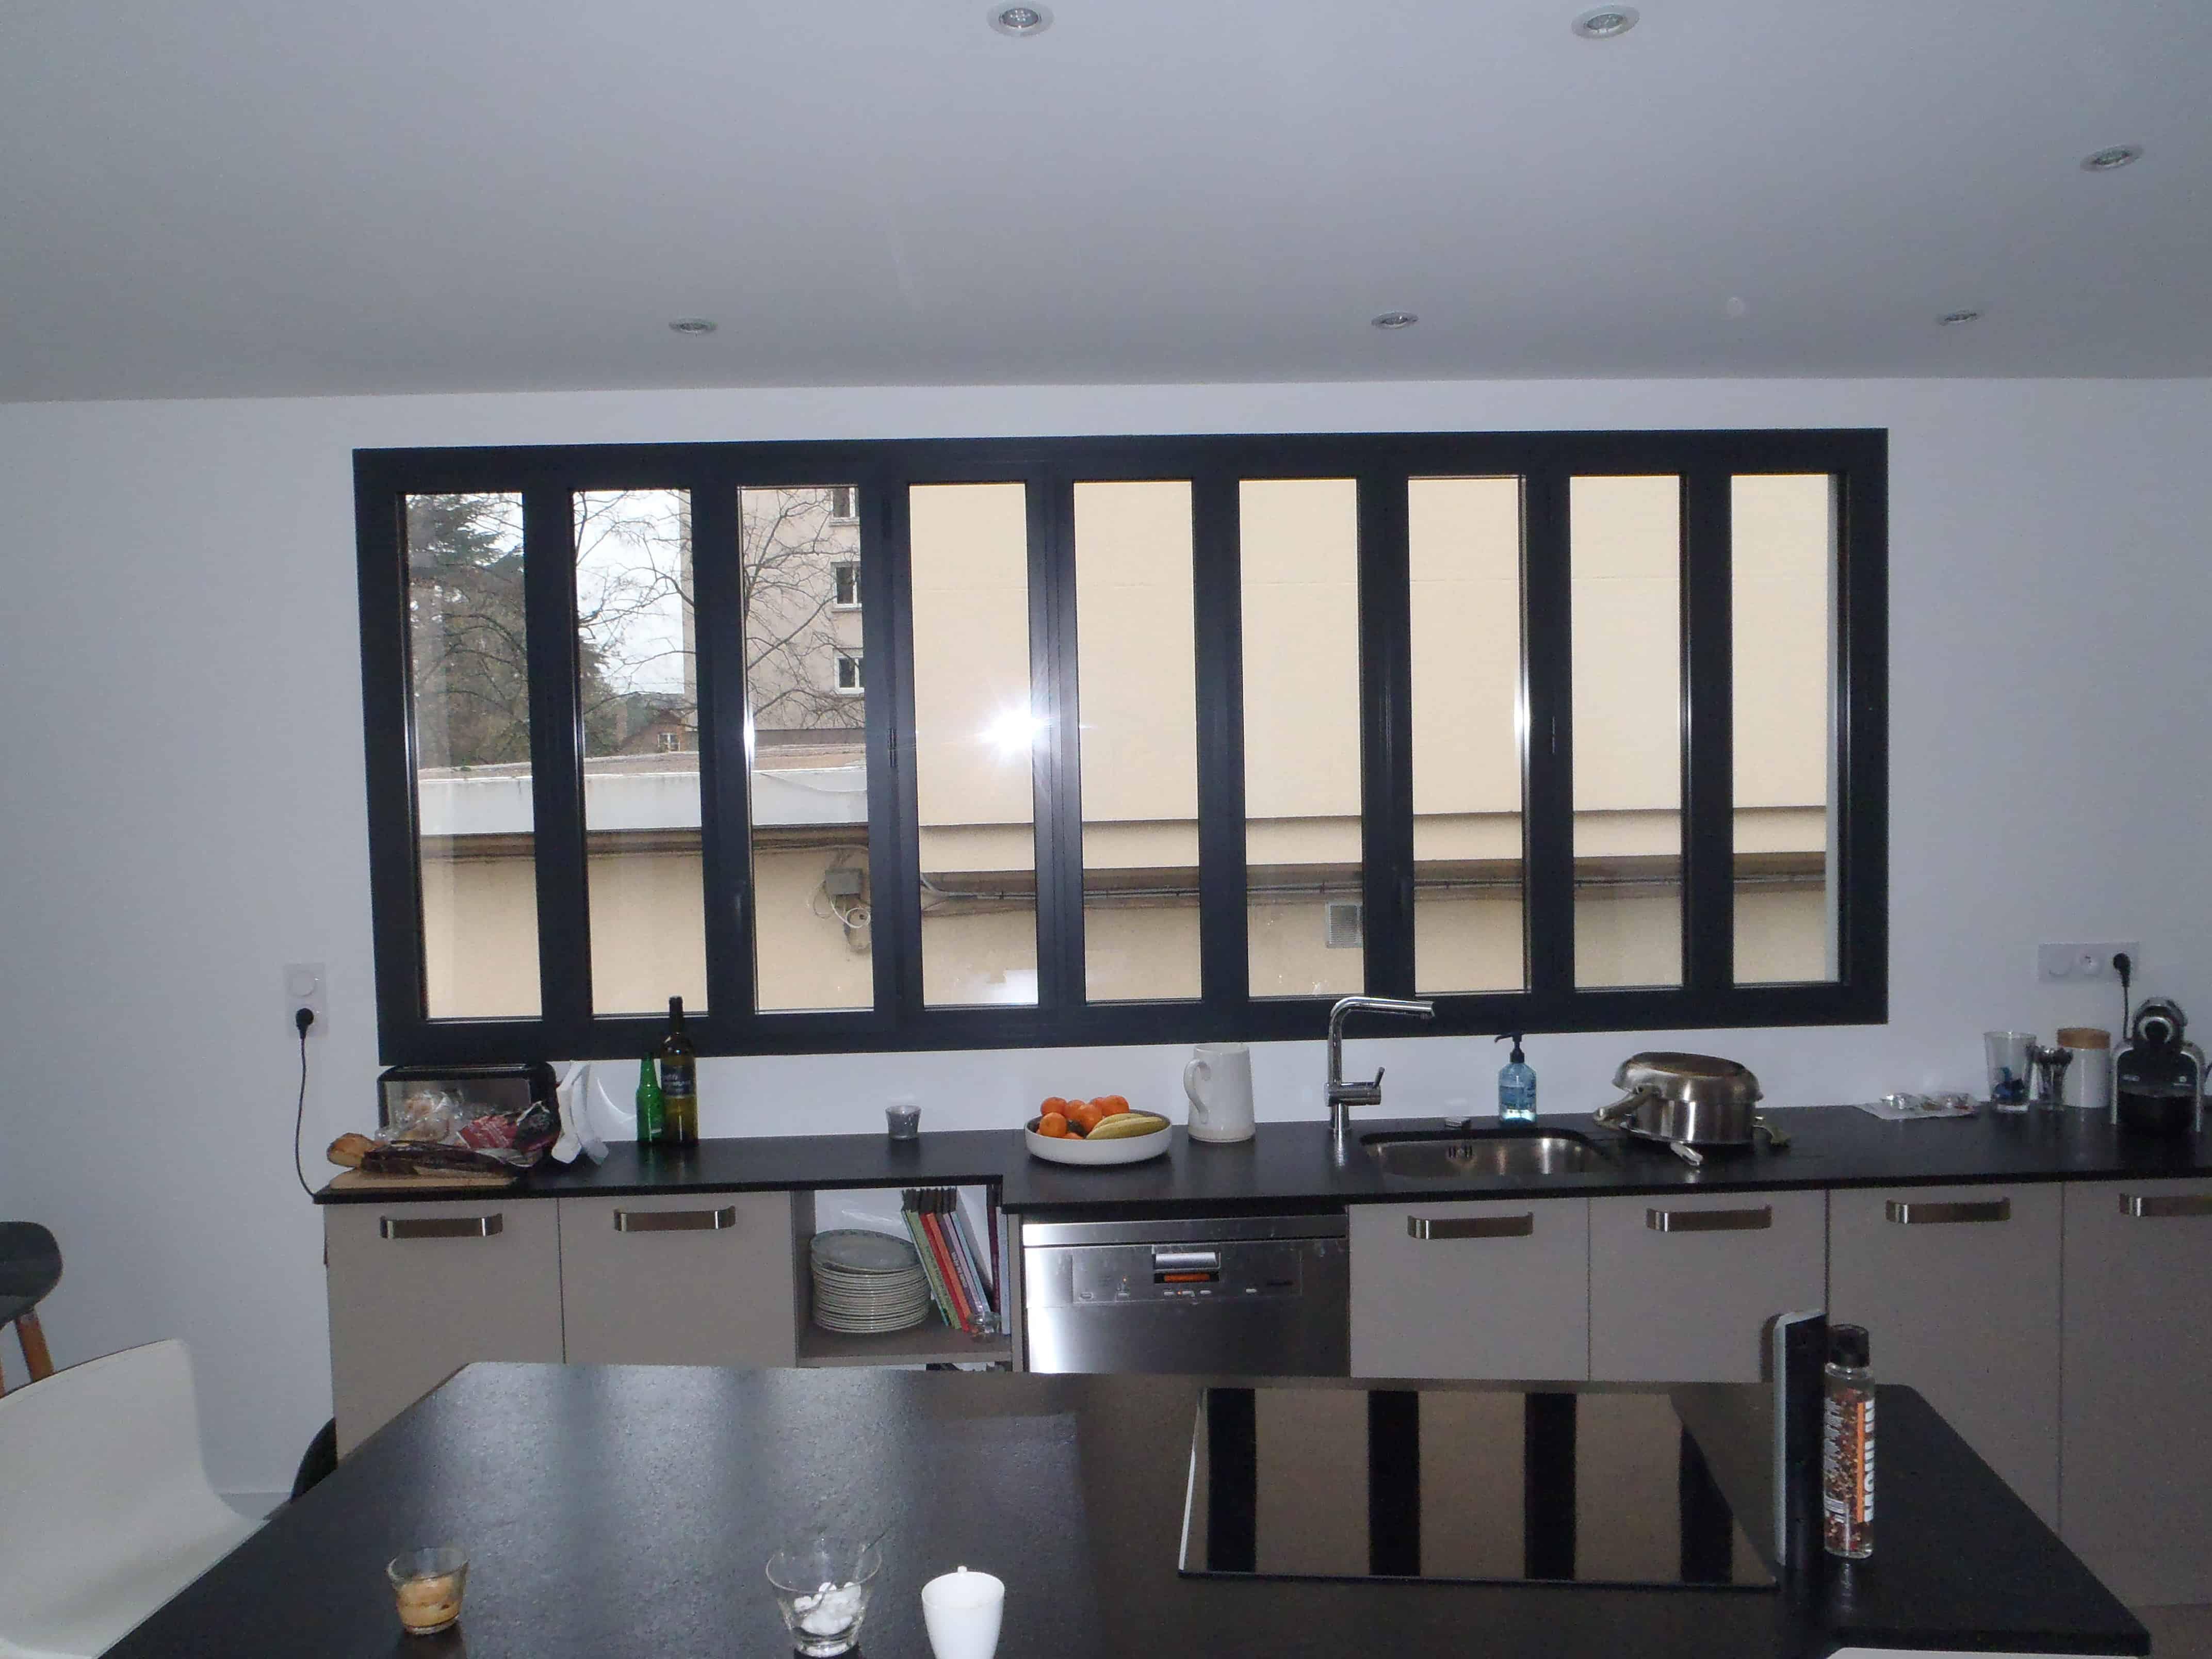 menuiserie int rieure rennes atelier de menuiserie bg 35. Black Bedroom Furniture Sets. Home Design Ideas